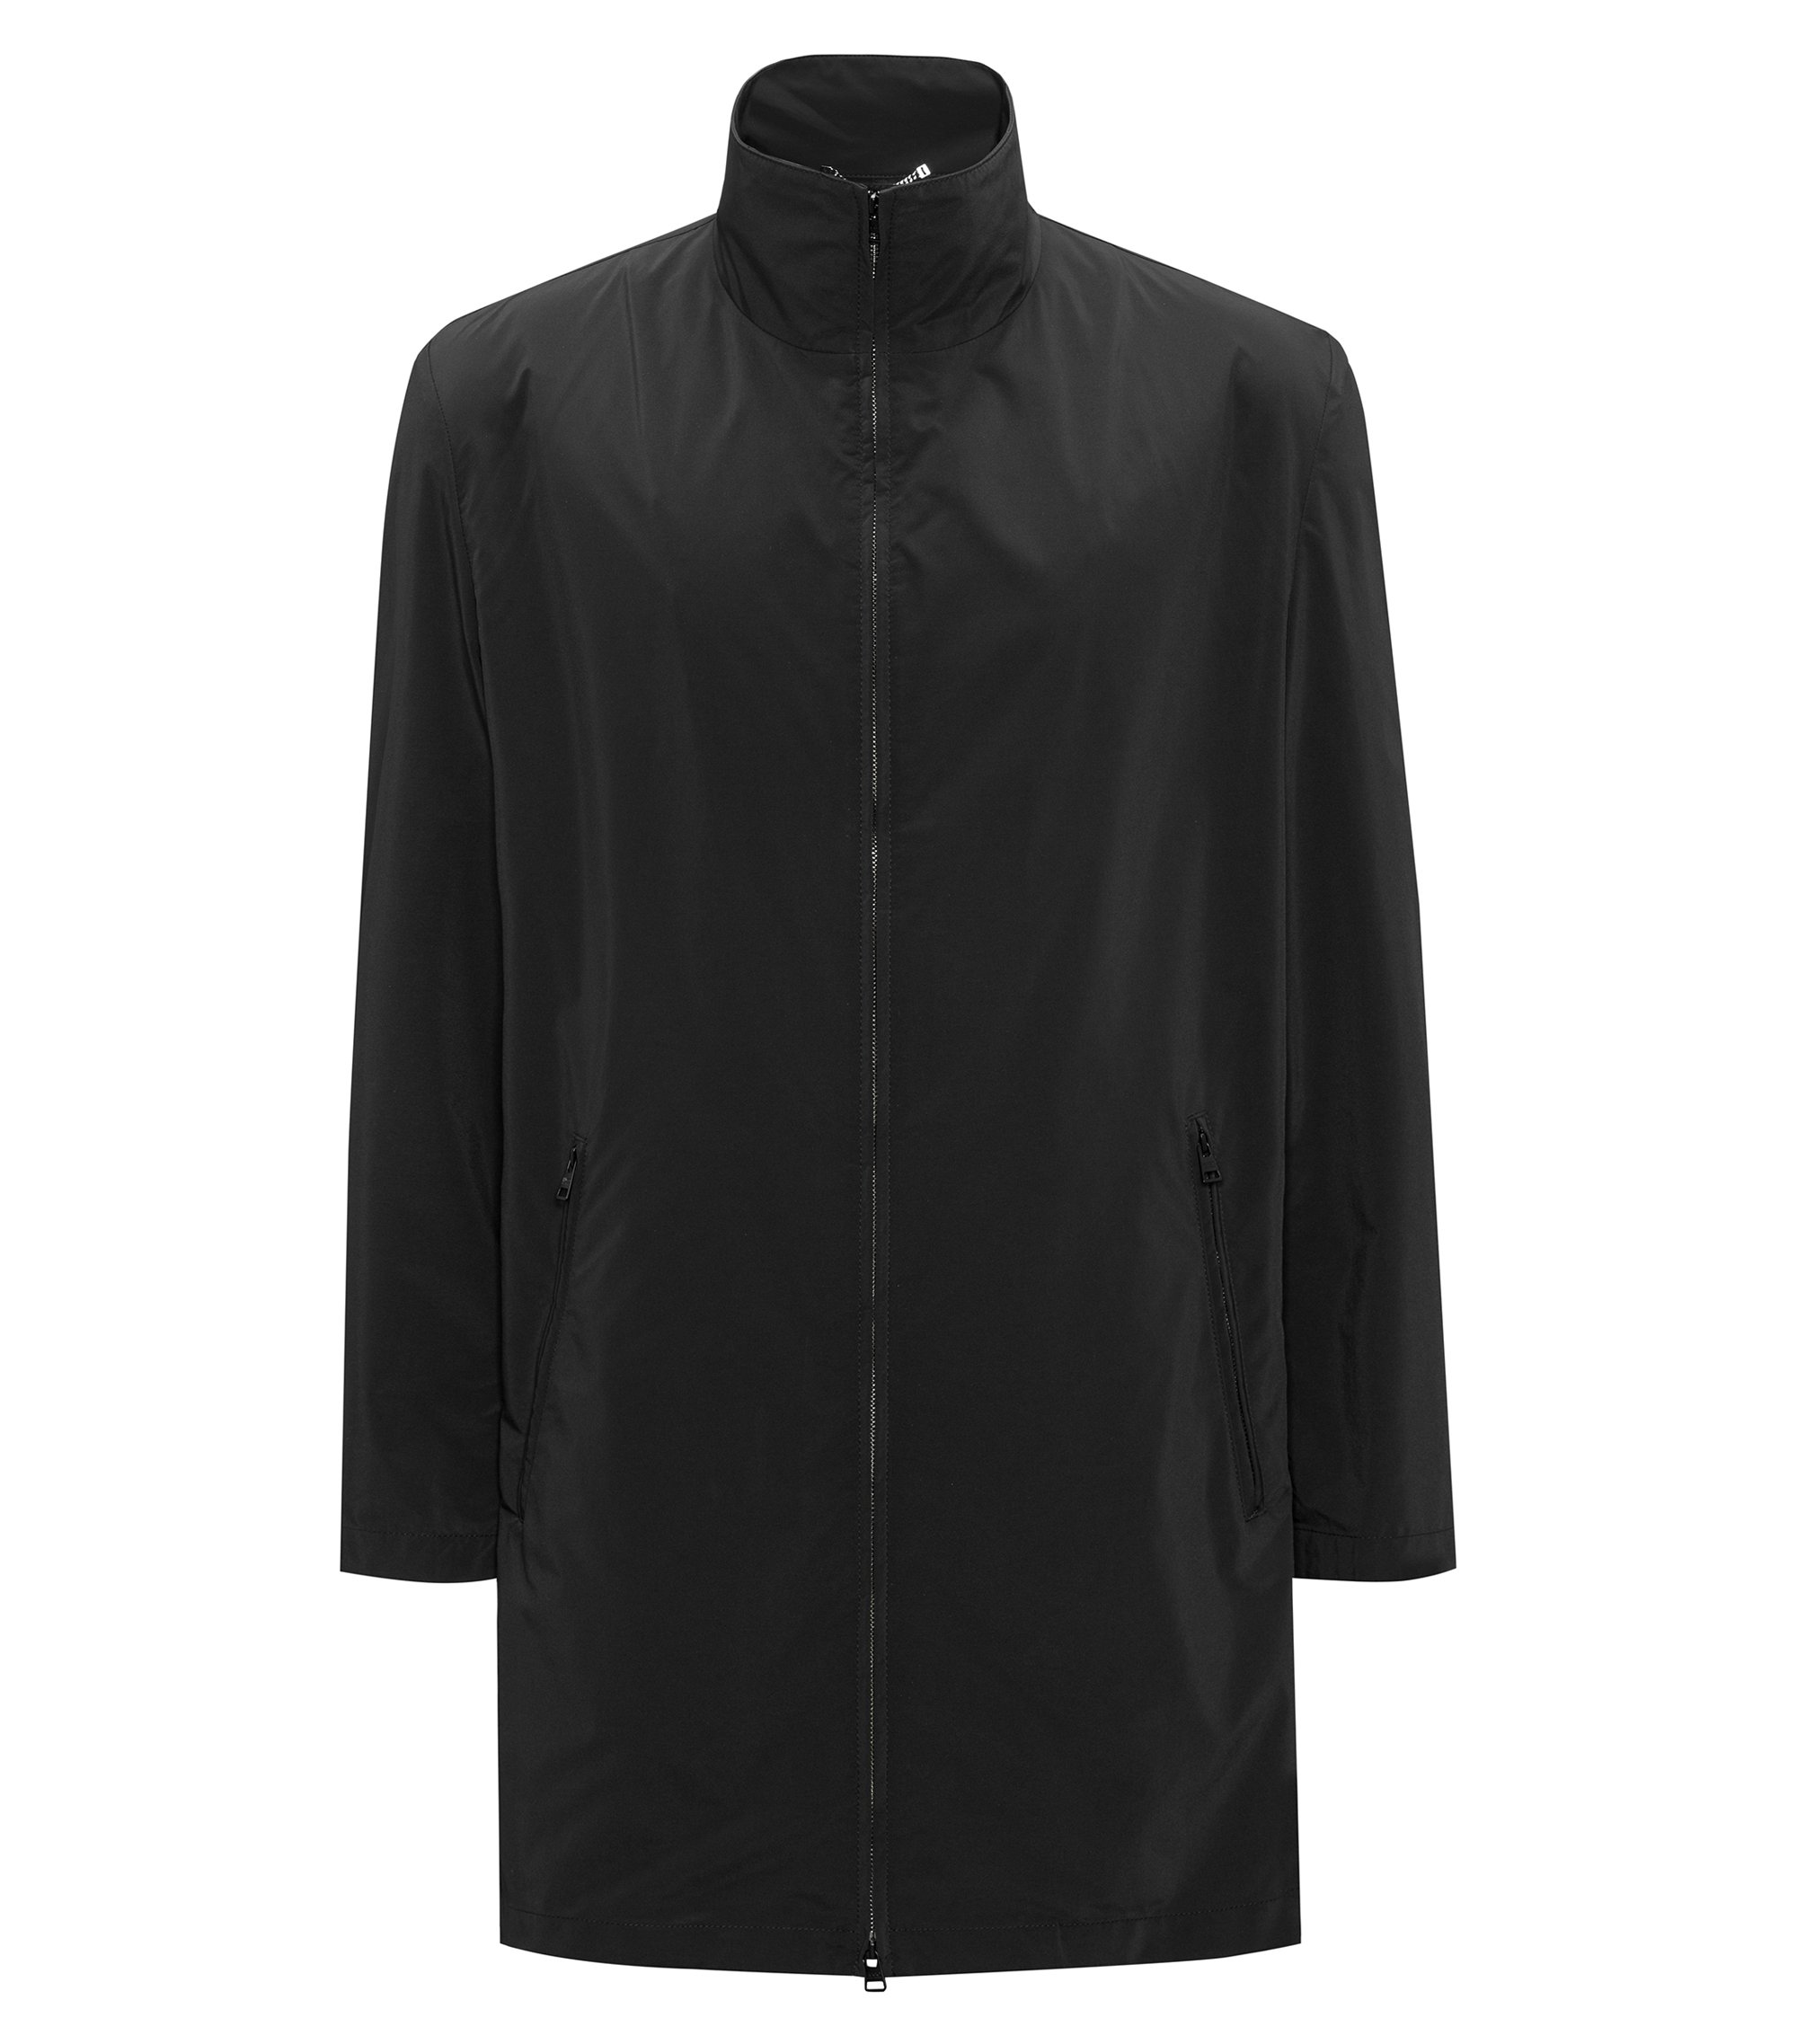 Slim-Fit Mantel mit Stehkragen und Reißverschluss, Schwarz